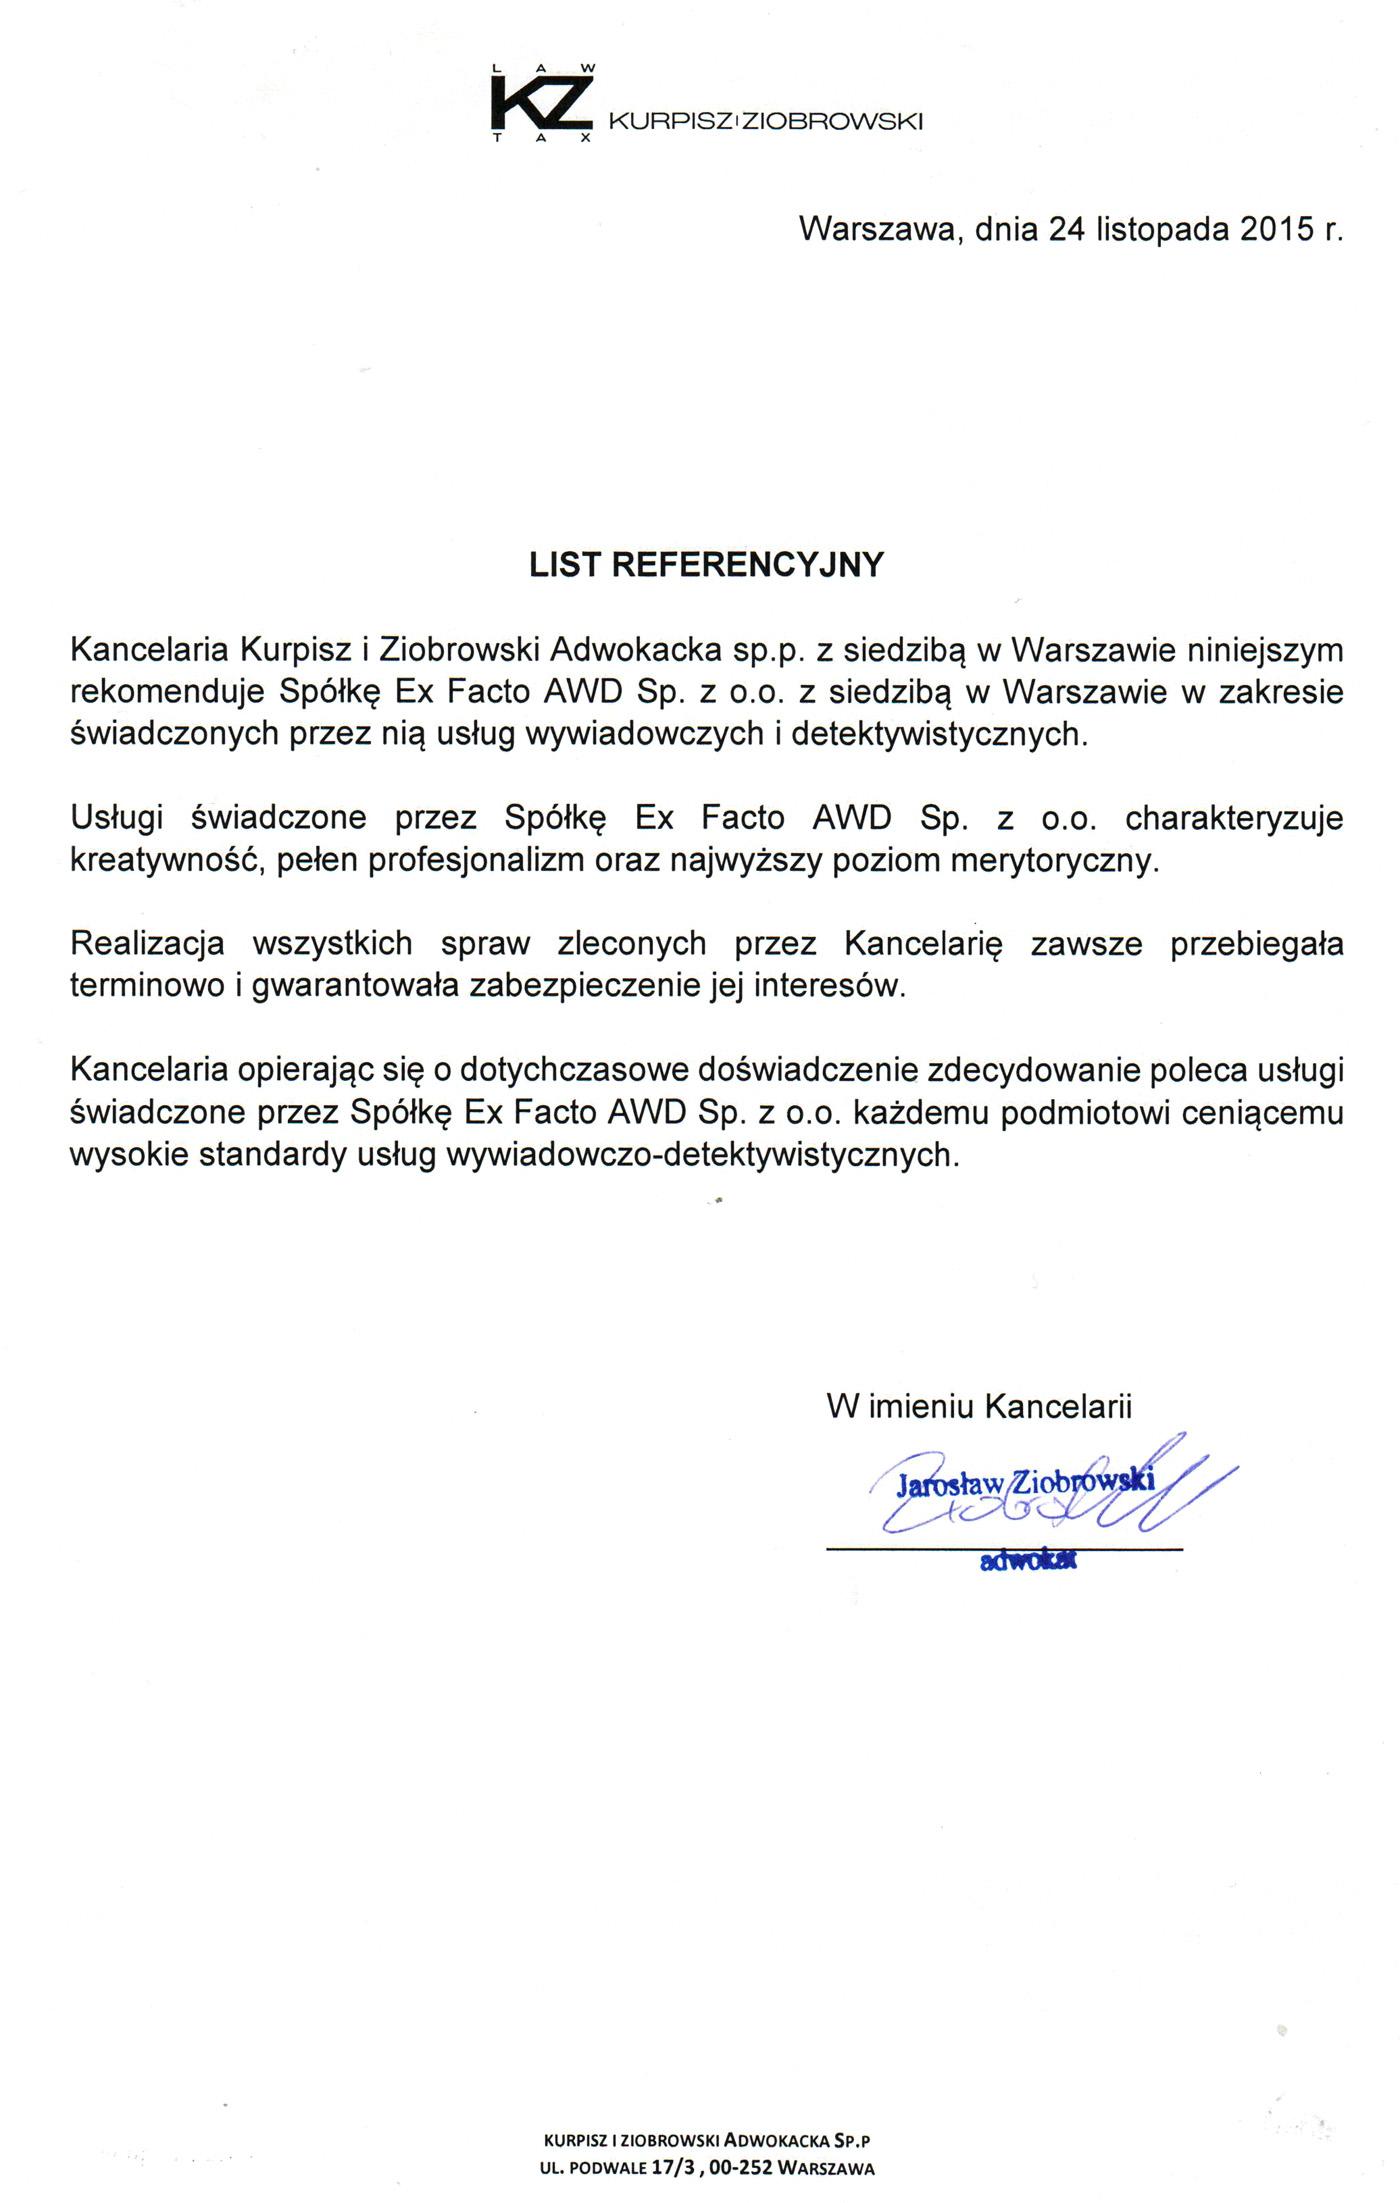 Kurpisz_Ziobrowski_list referencyjny_small